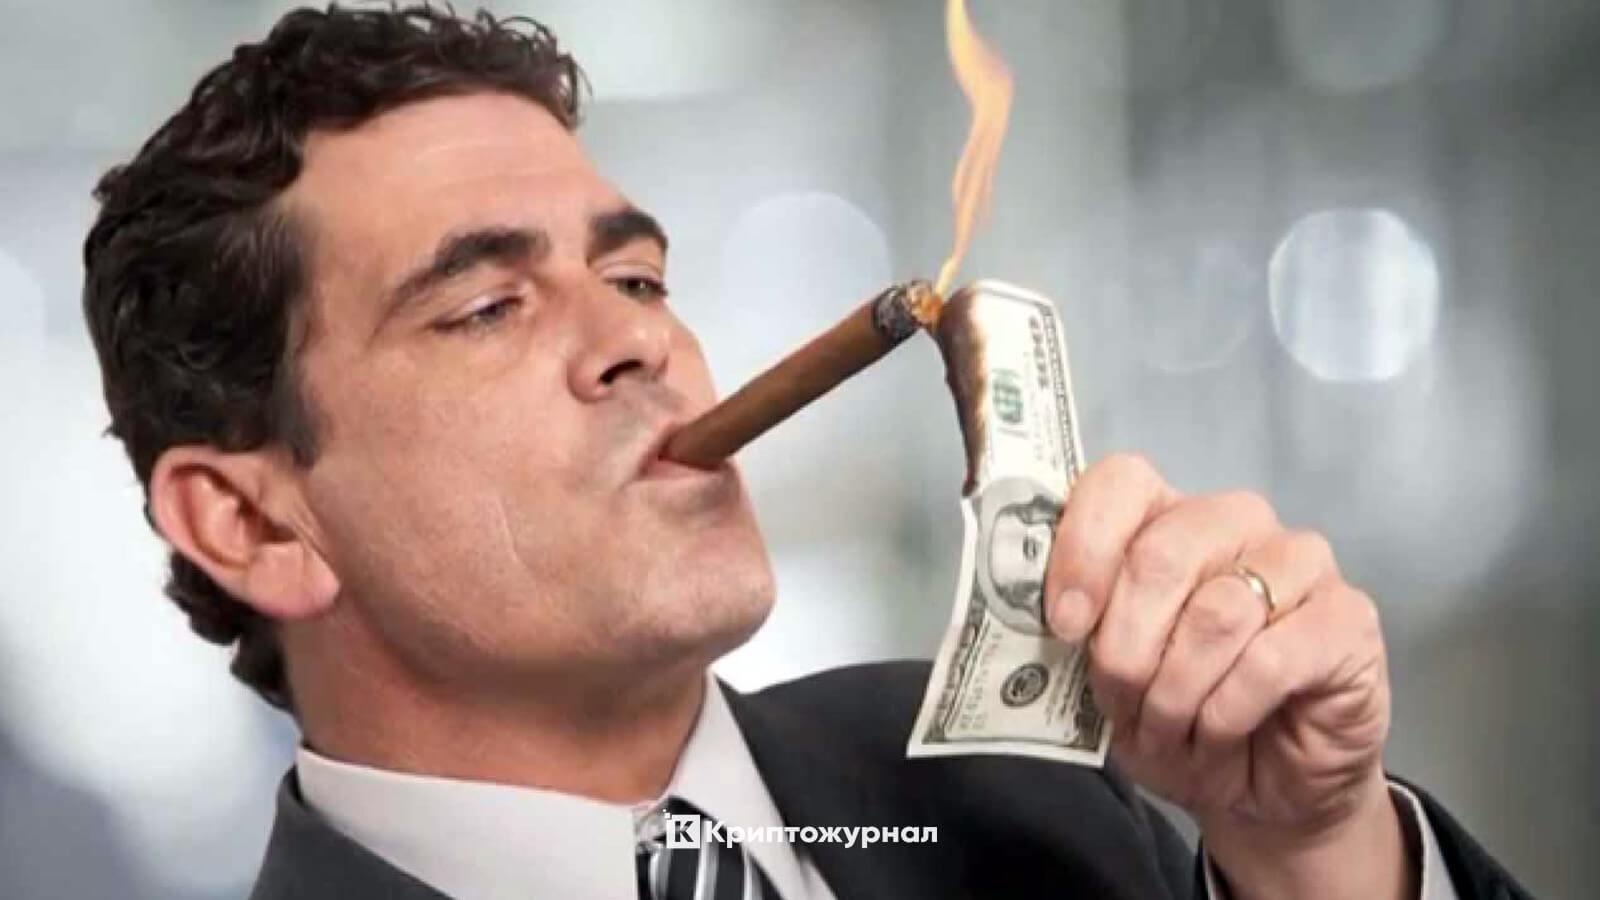 криптовалютный миллионер